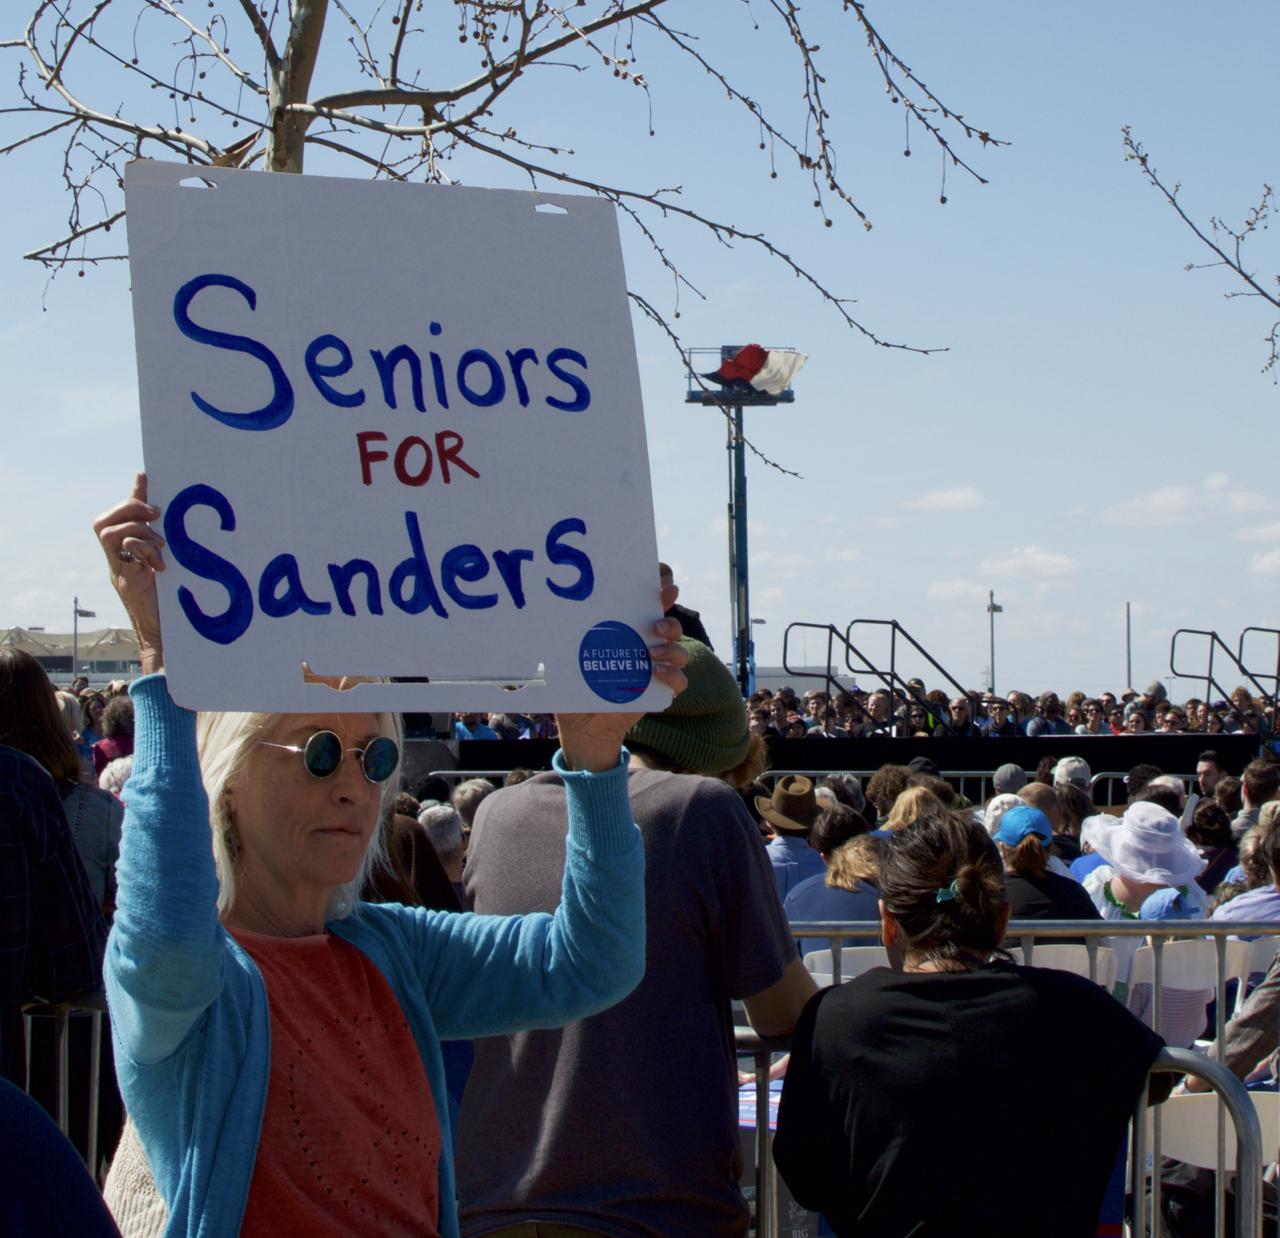 Seniors for Sanders 2016